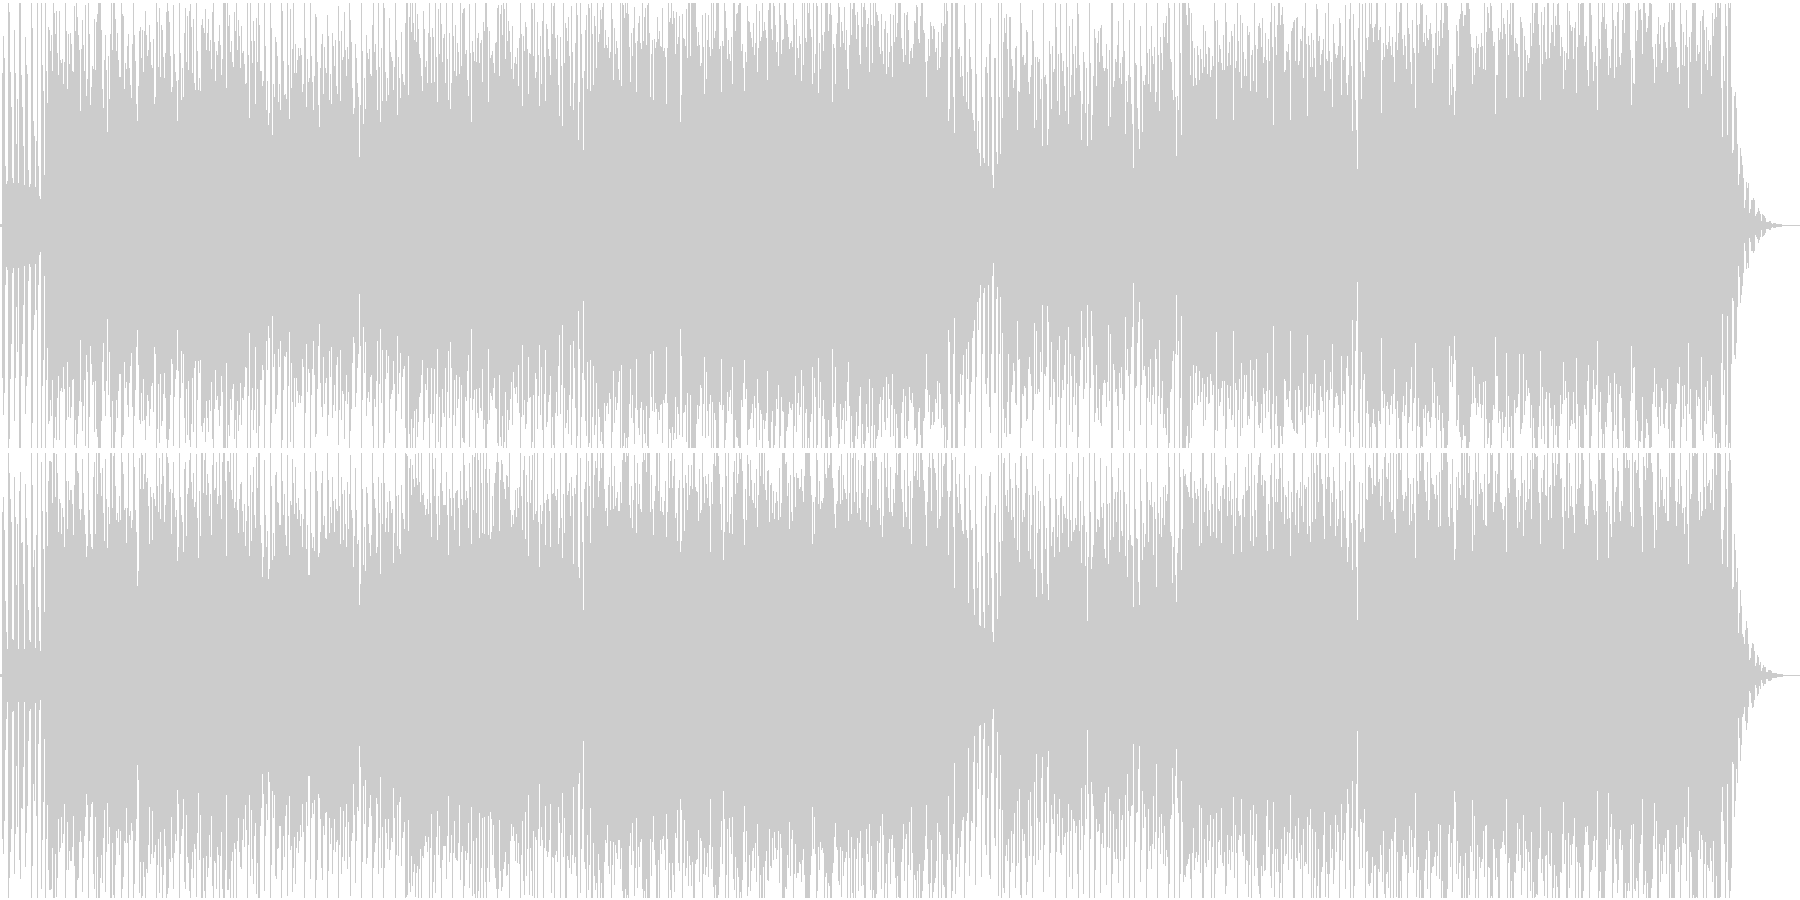 懐かしい雰囲気のローファイハウスの未再生の波形